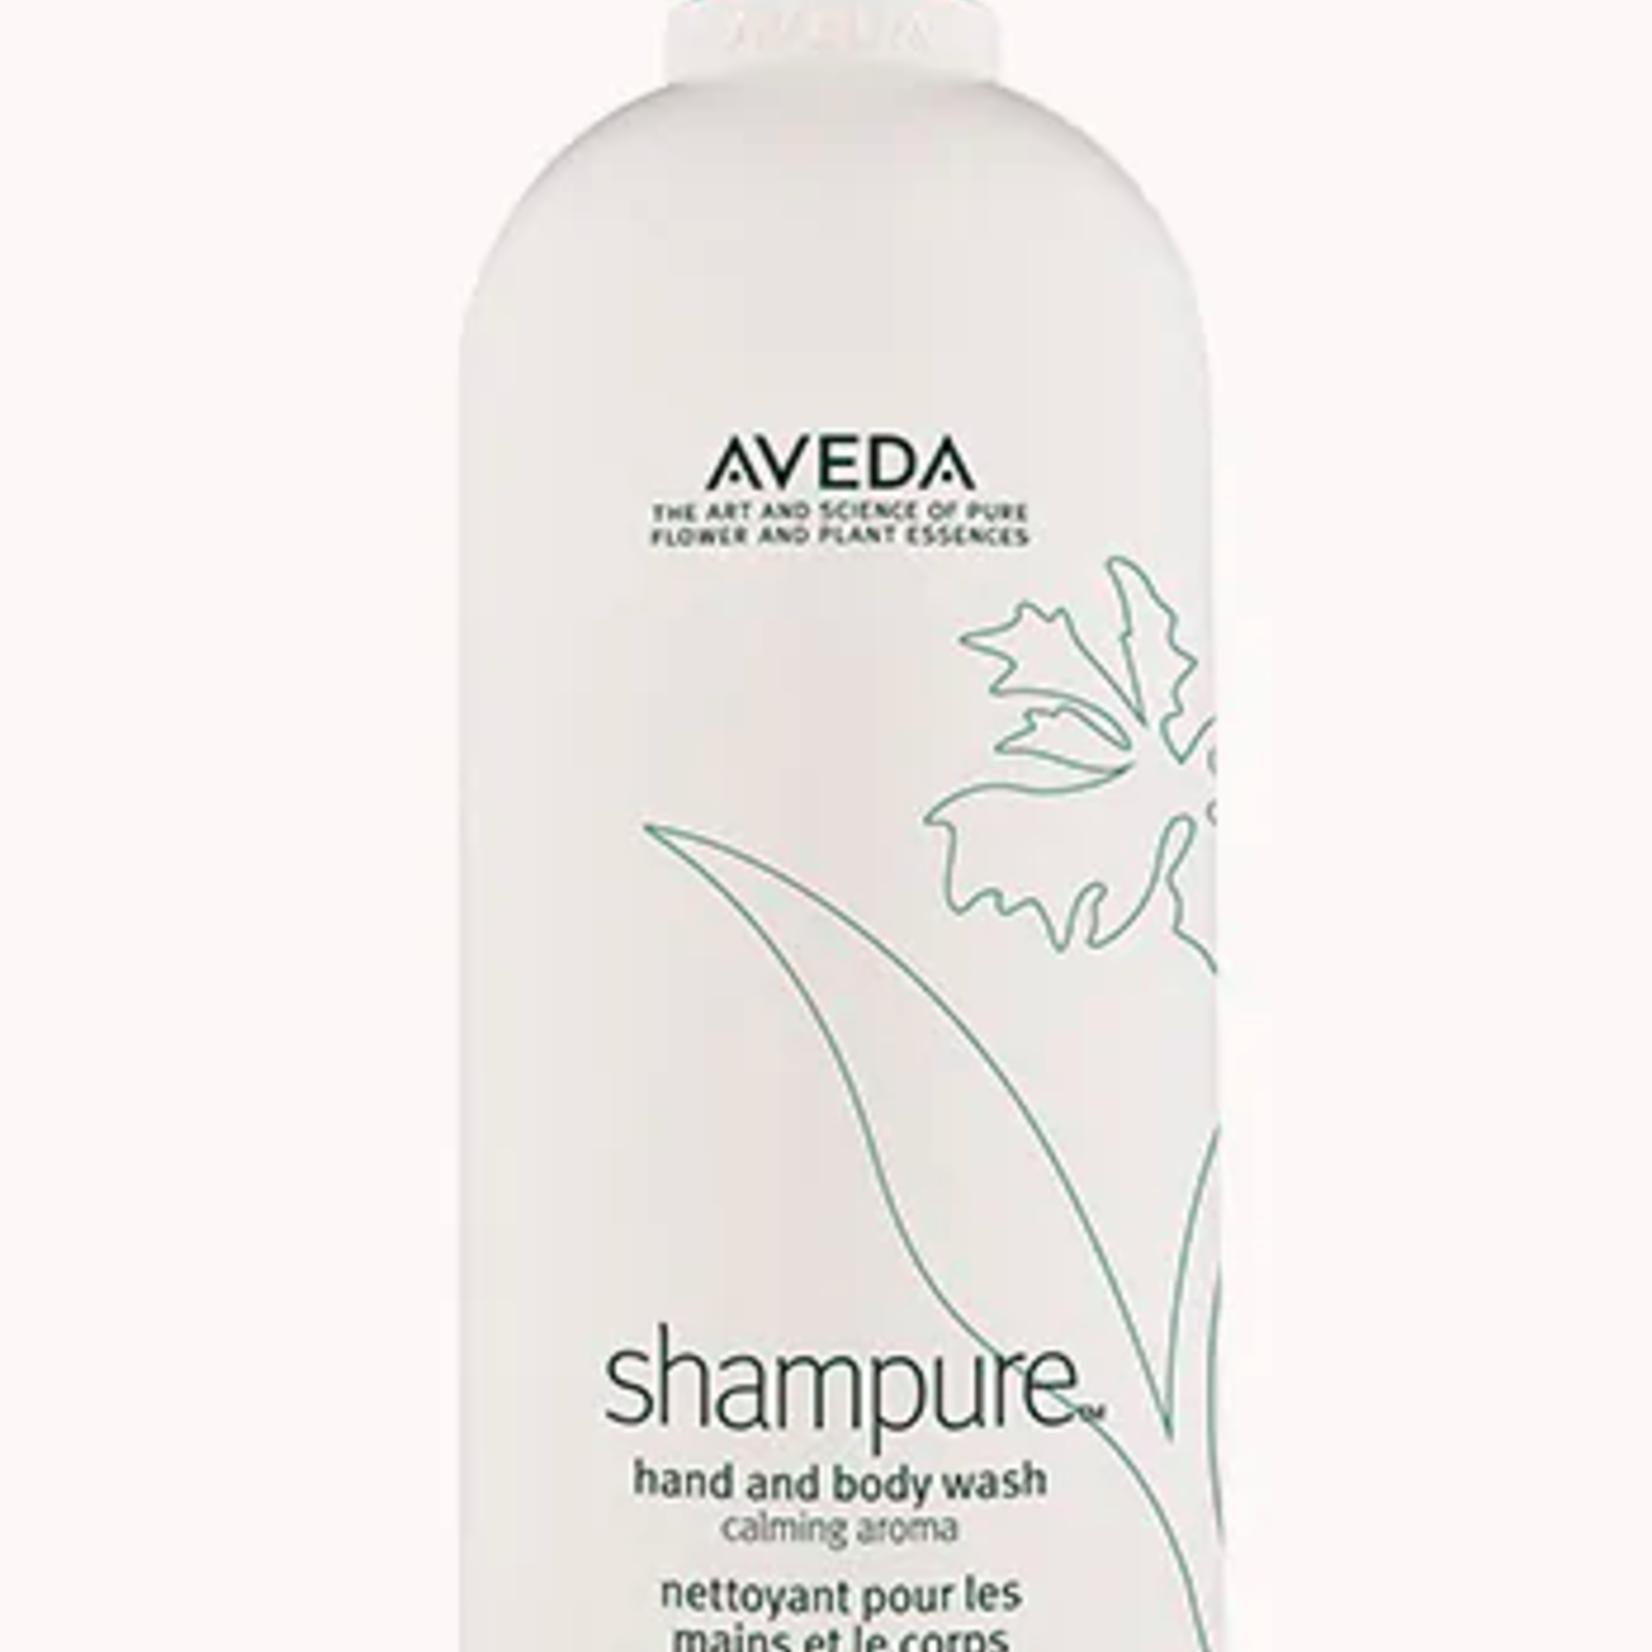 AVEDA Shampure™ Hand and Body Wash